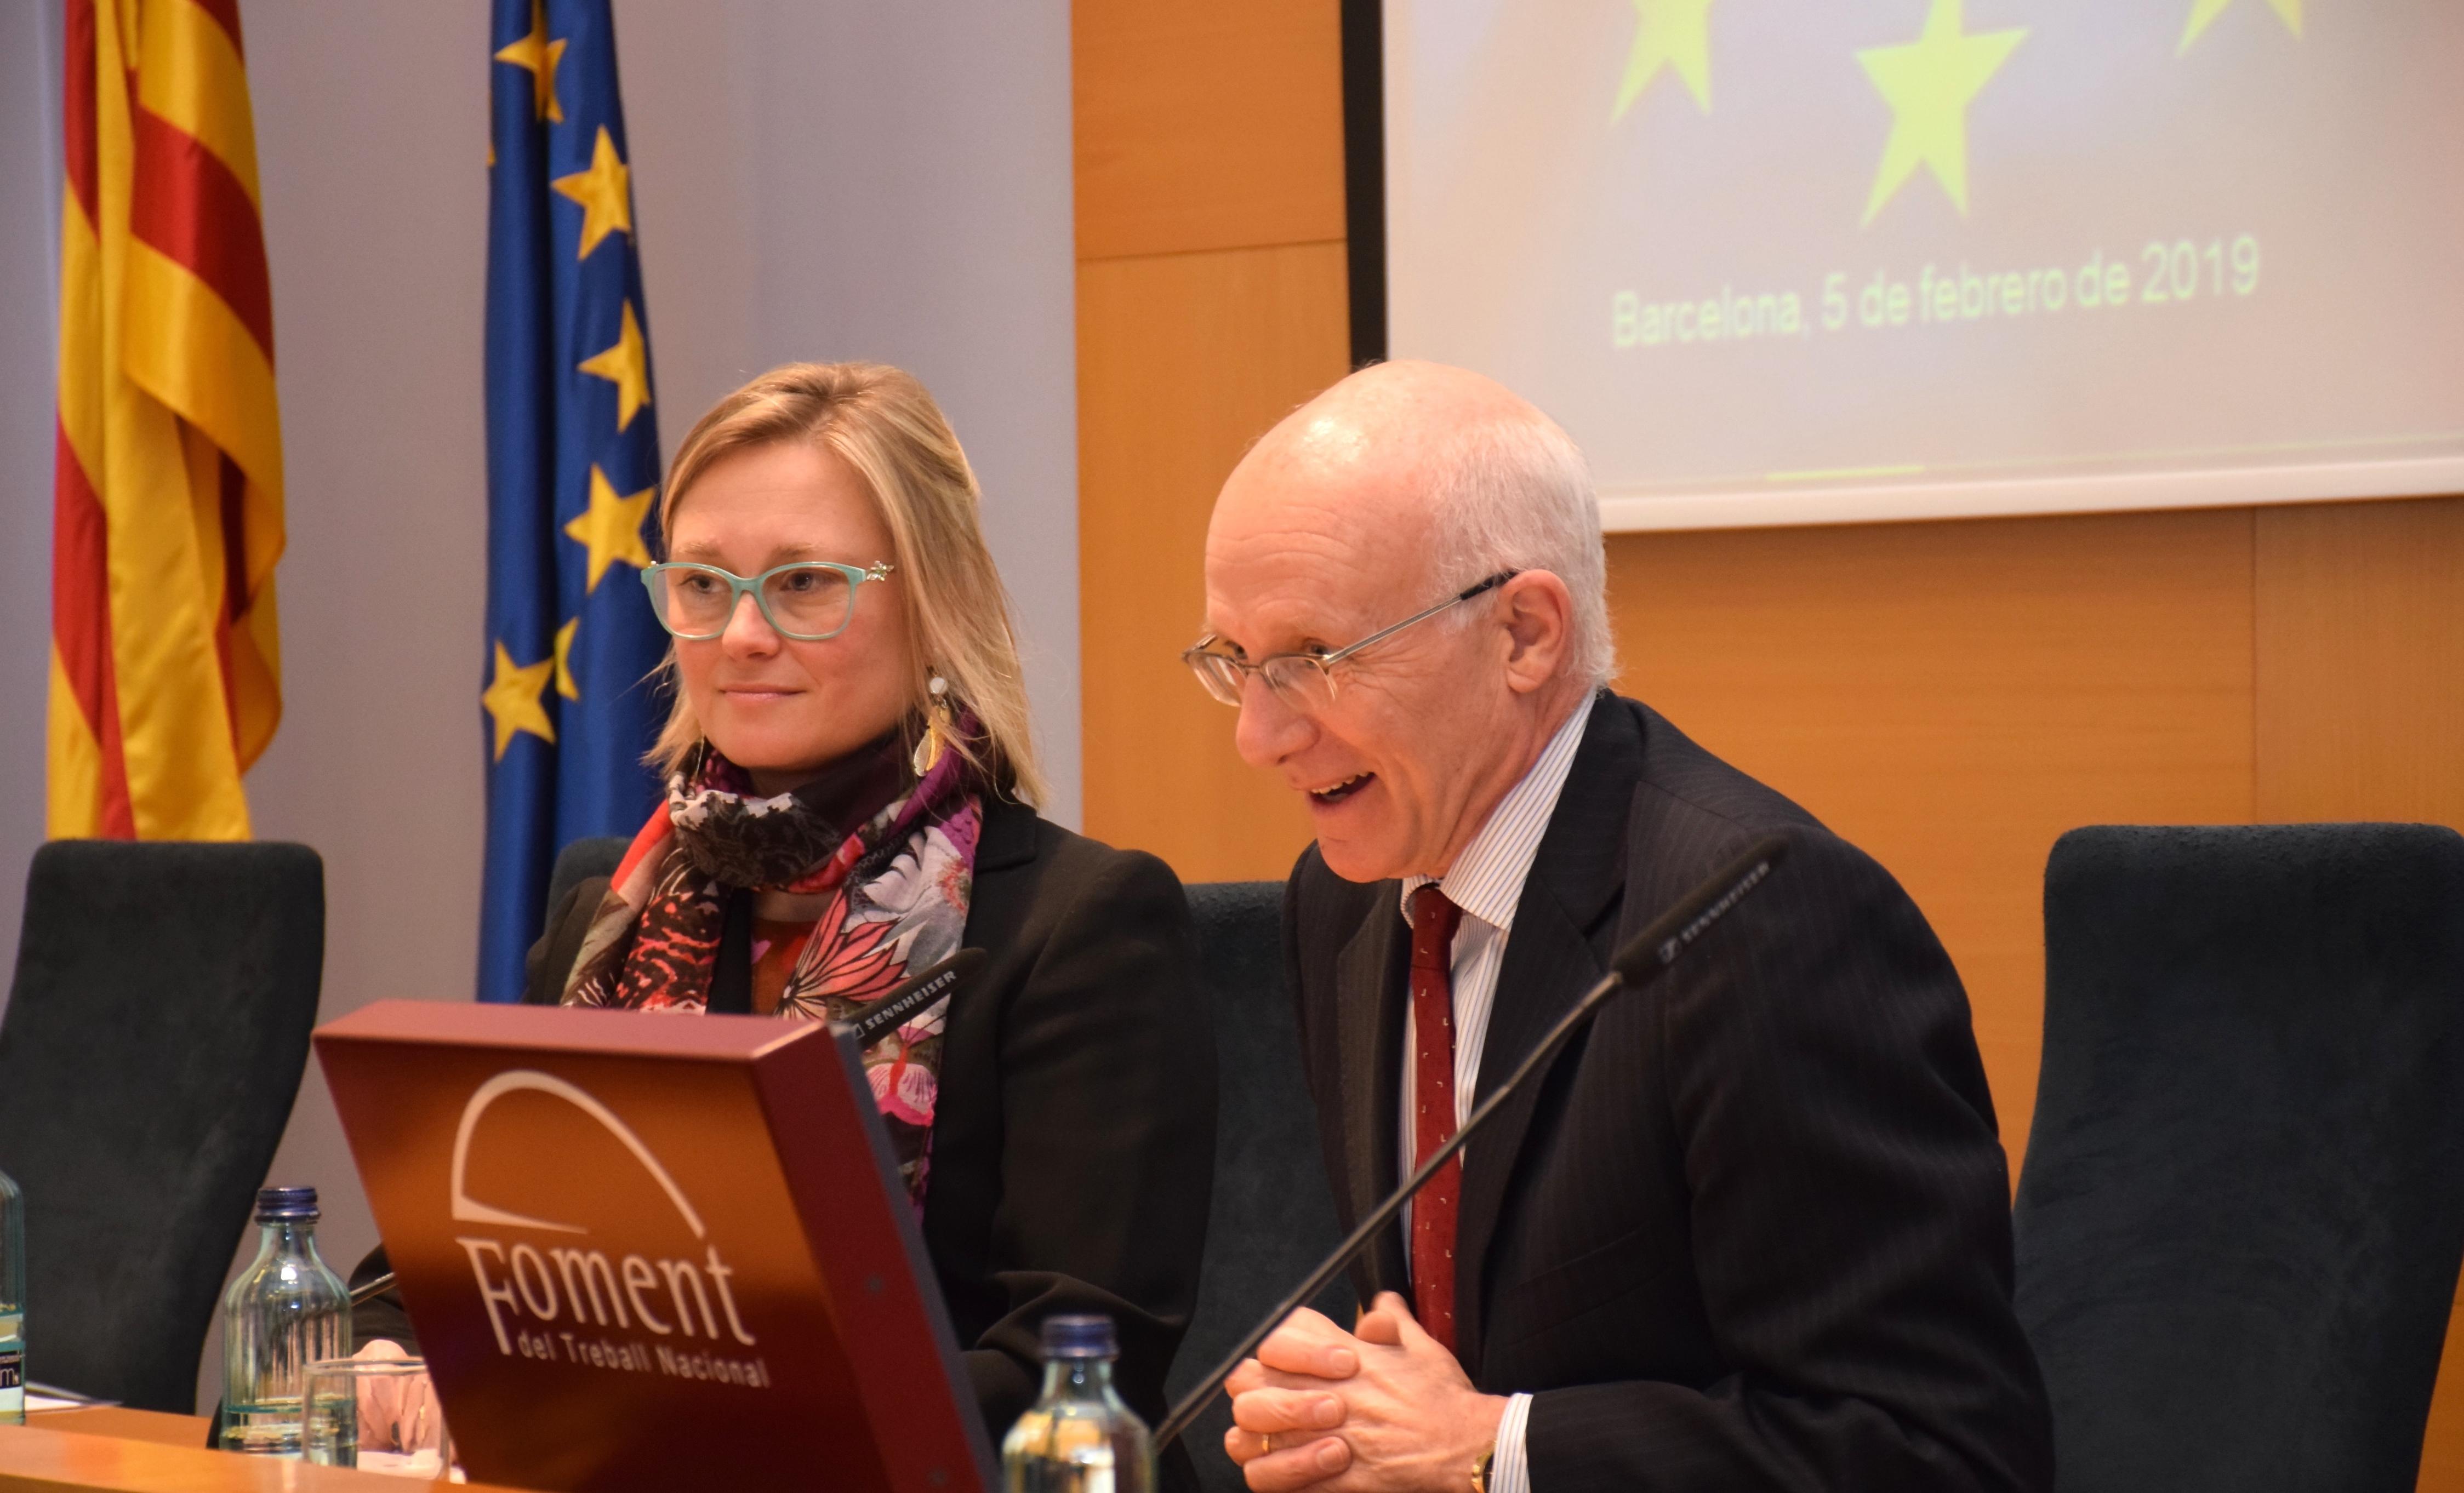 Foment recalca les oportunitats empresarials del CETA especialment per pimes